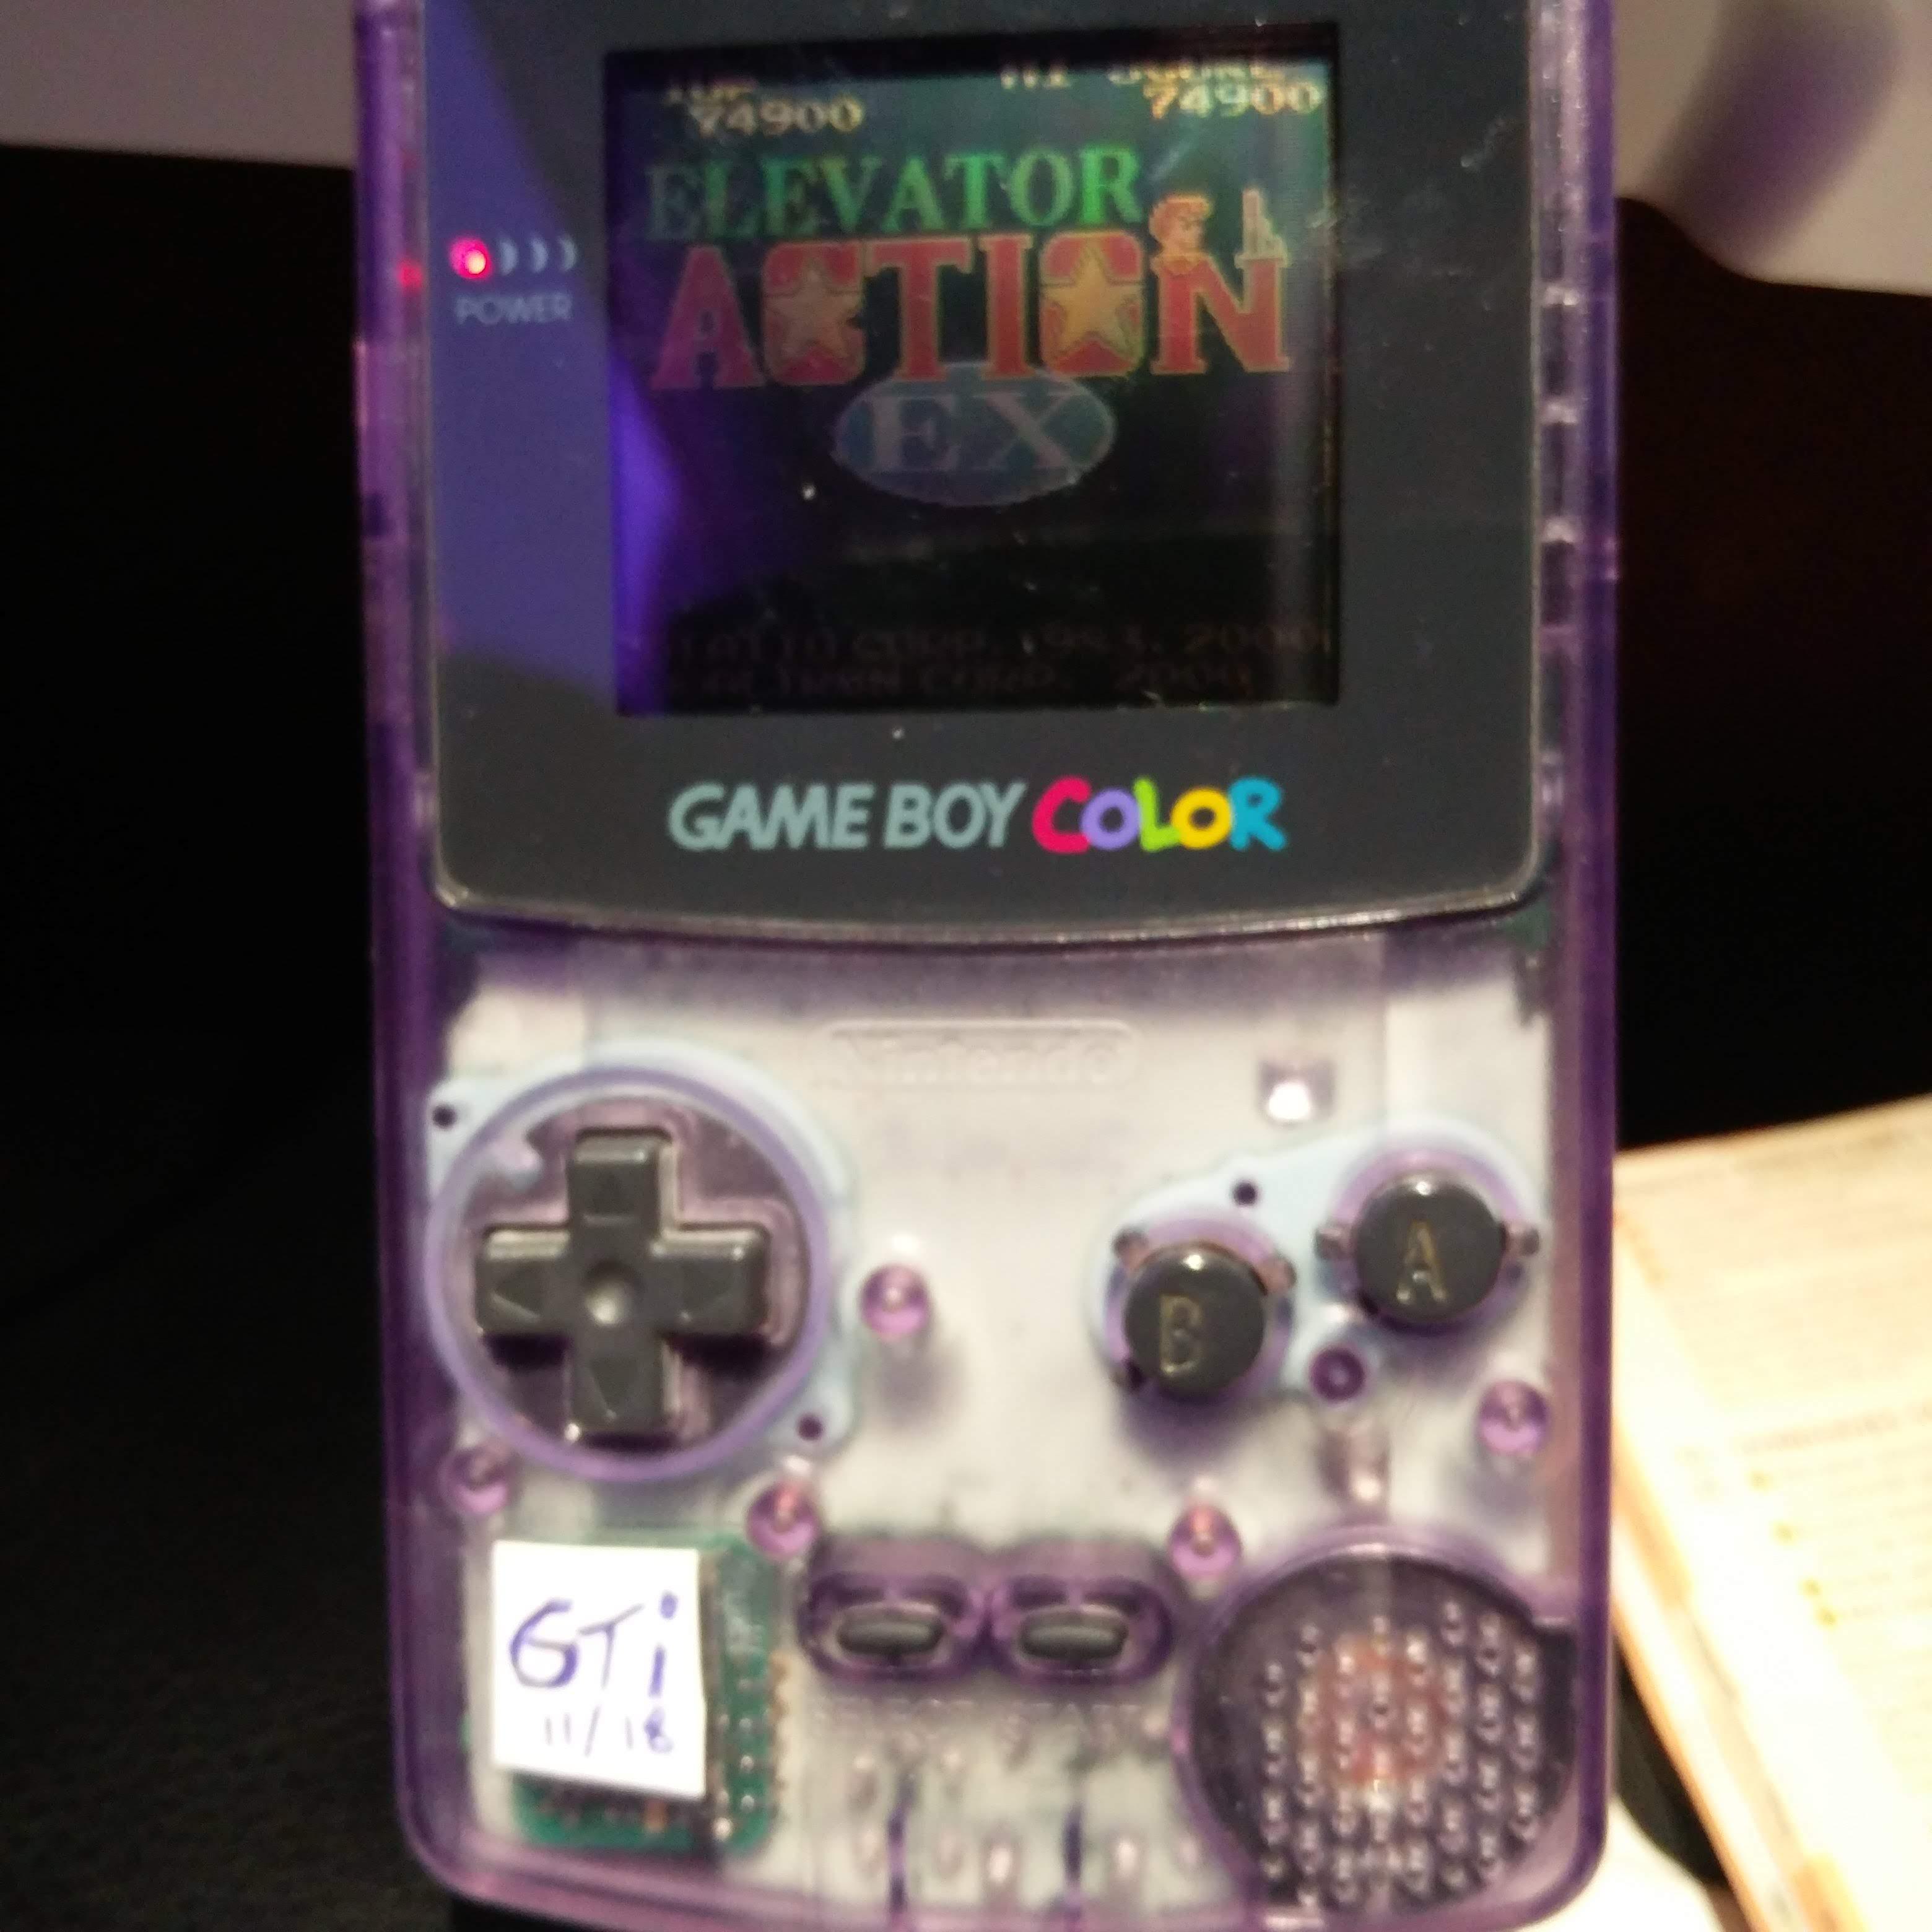 GTibel: Elevator Action (Game Boy Color) 74,900 points on 2018-11-13 22:18:34